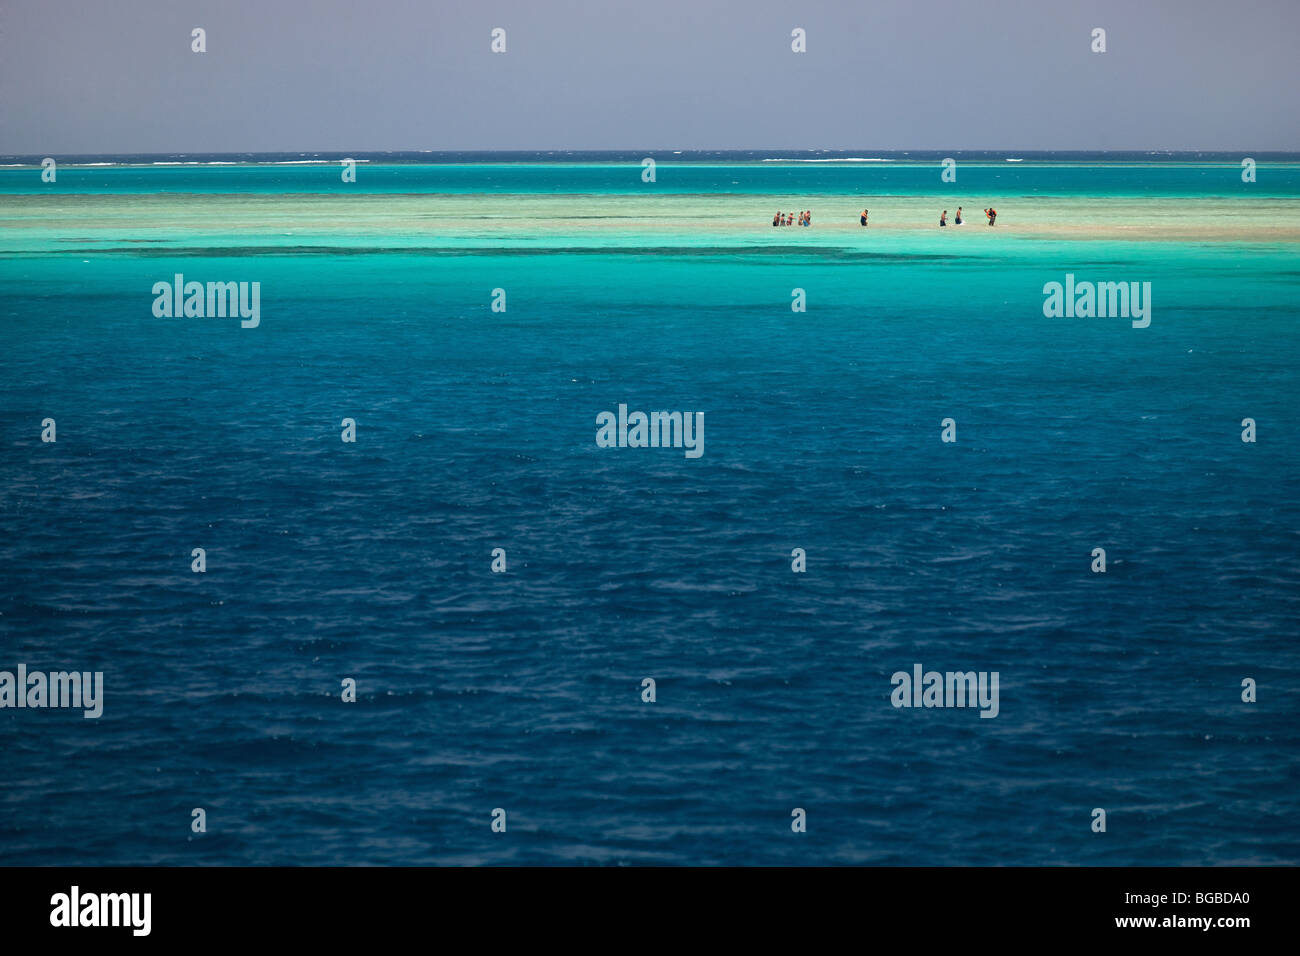 Afrika, Ägypten, Sharm el Sheik, Tiran Insel, Meer, Küste, Farben, Korallenriff, Schnorcheln, Wasser, Stockbild